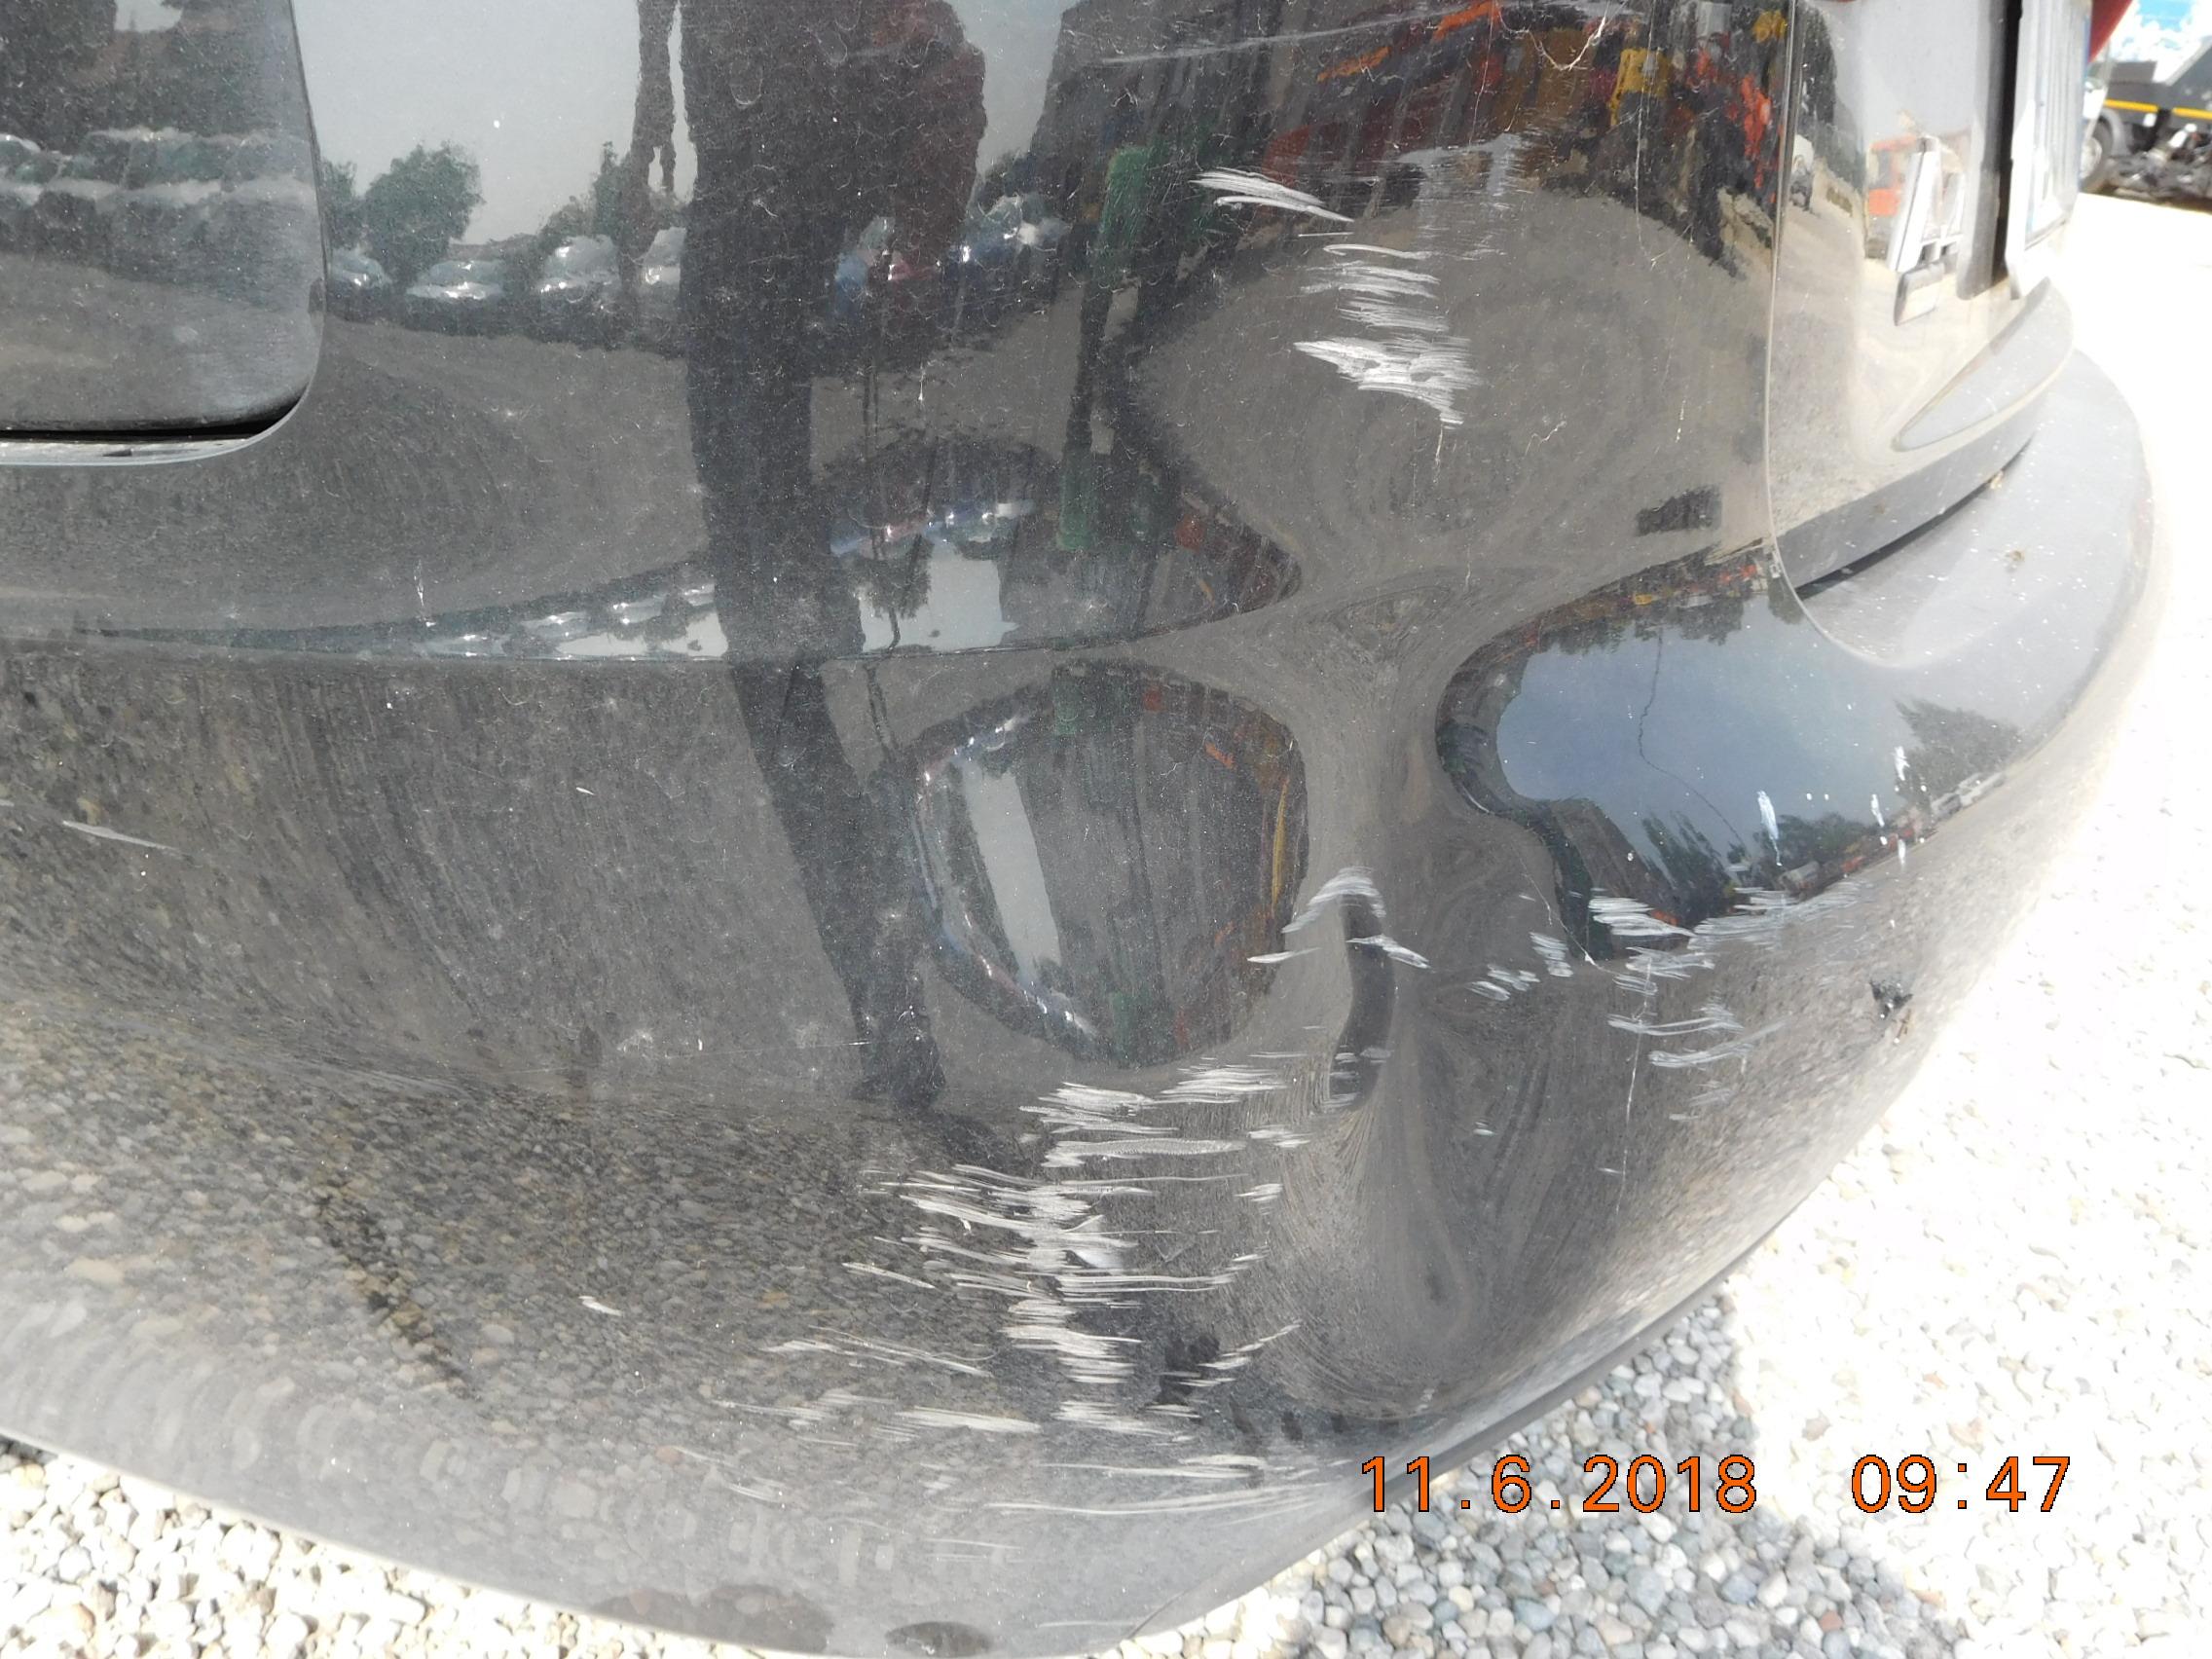 AUDI A4 INCIDENTATA in vendita - foto 4